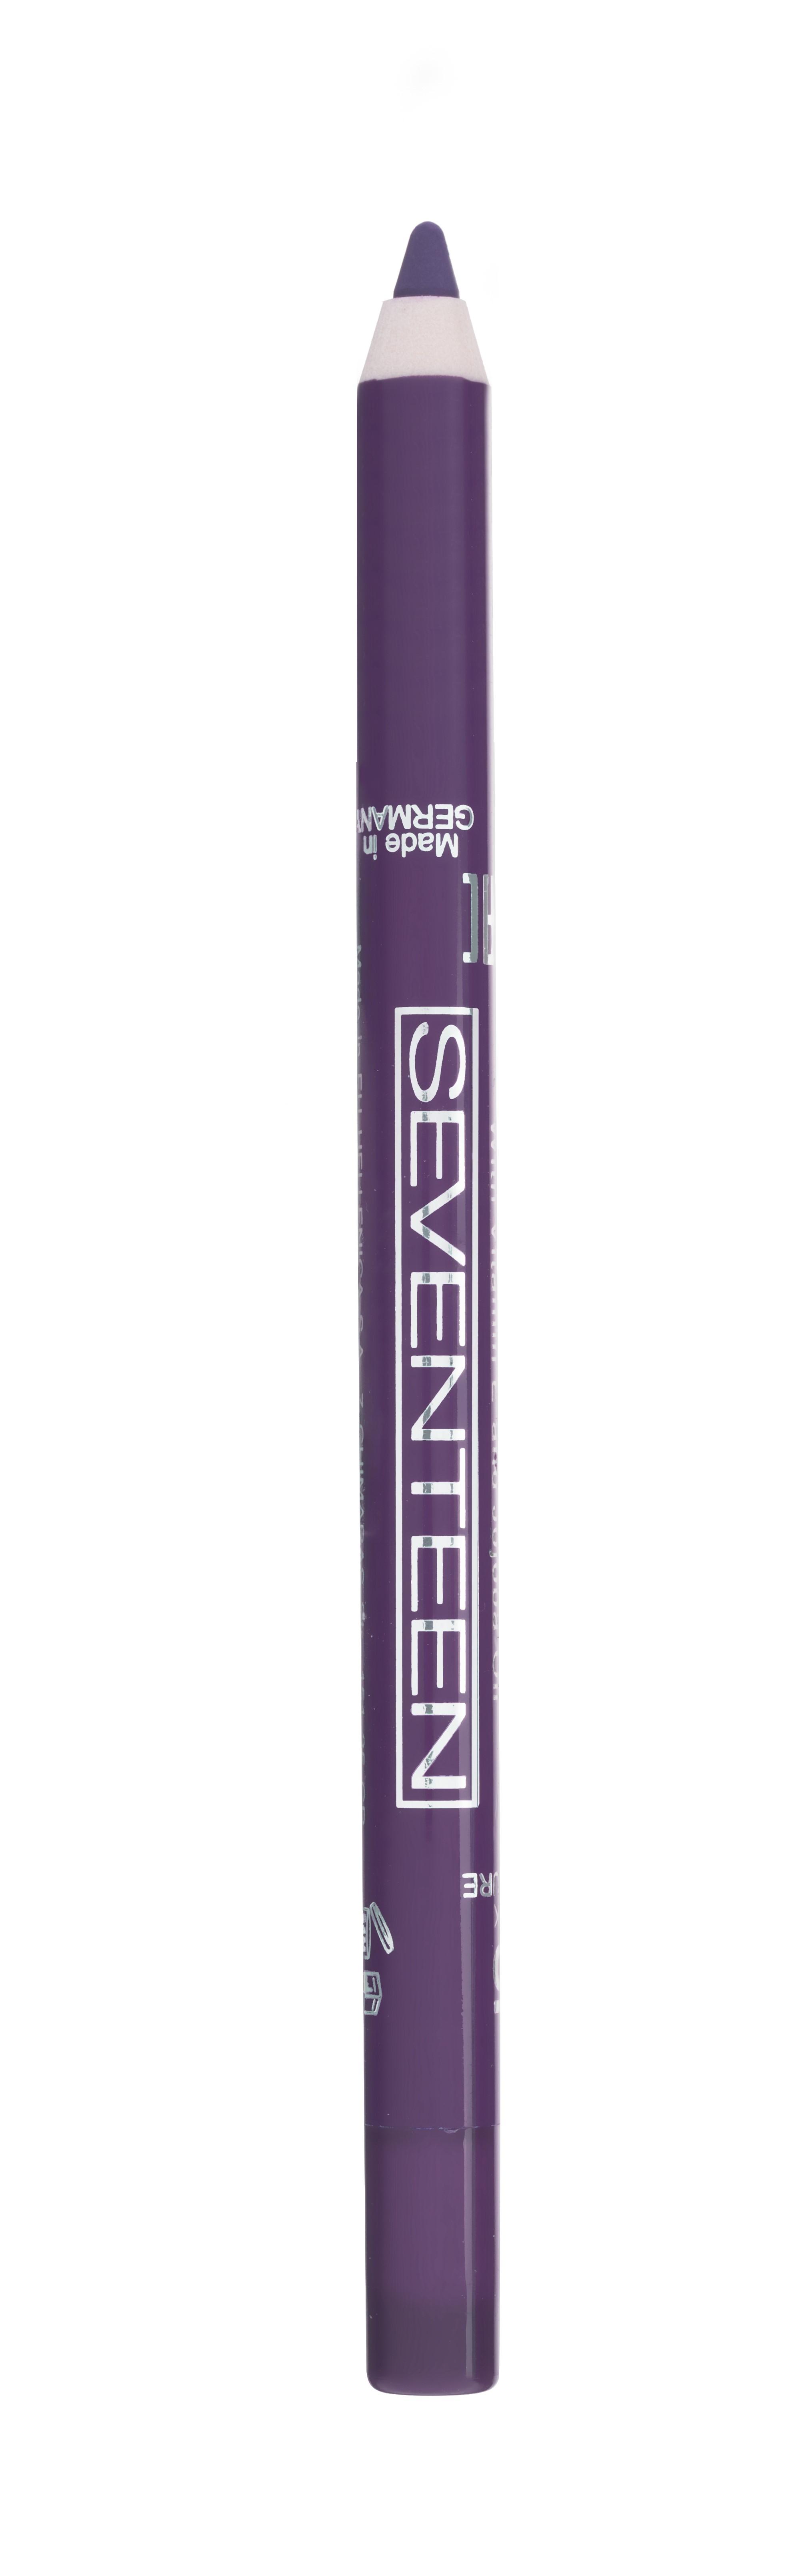 SEVENTEEN Карандаш для губ водостойкий с витамином Е, 34 красно-пурпурный / Super Smooth W/P Lip Liner 1,2 г косметические карандаши seventeen карандаш для губ водостойкий с витамином е super smooth w p lip liner 32